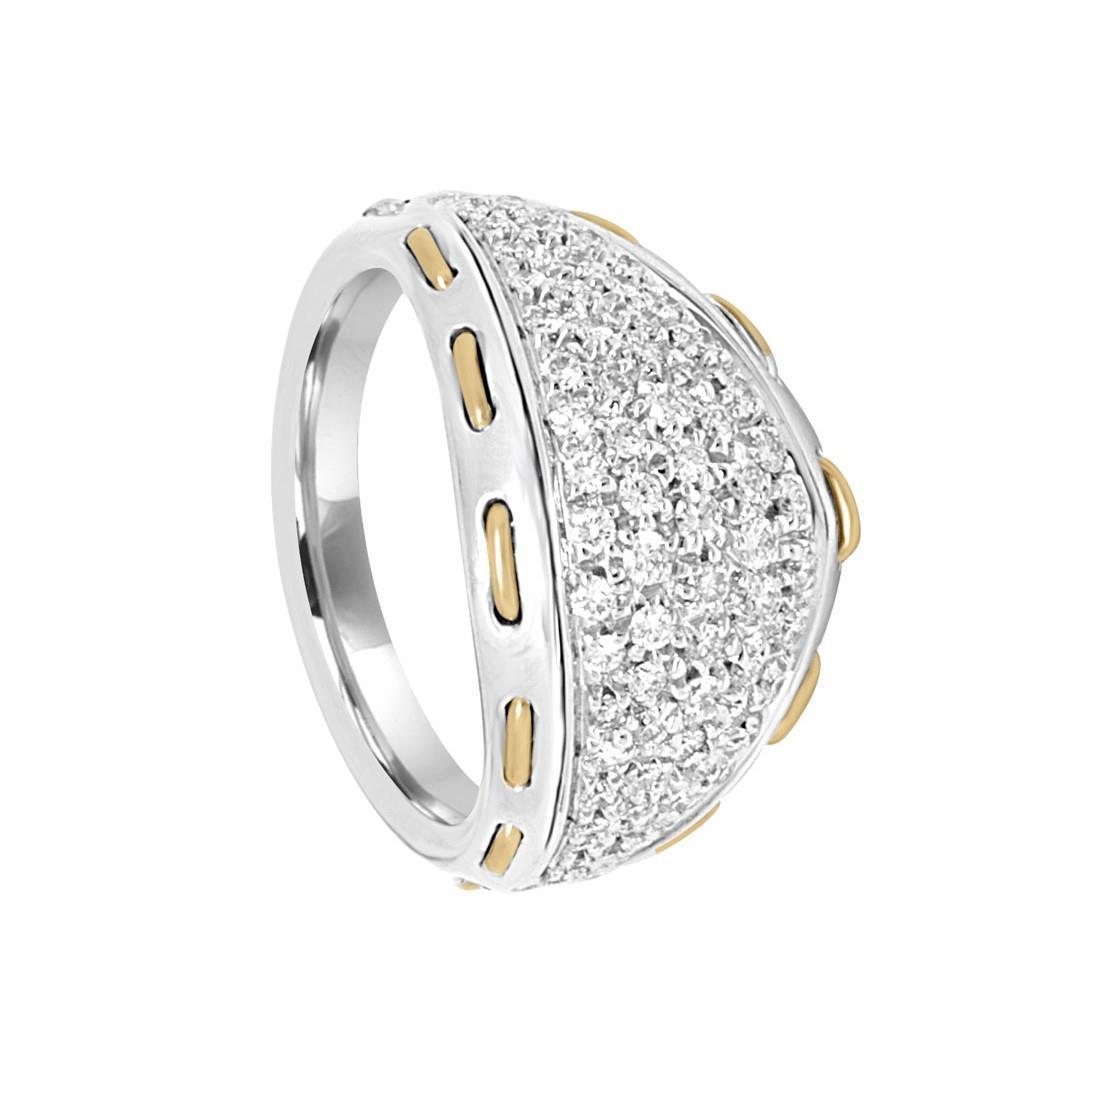 71486f1dd2 Anello Damiani in oro bianco e oro giallo con diamanti ct 0,72 ...